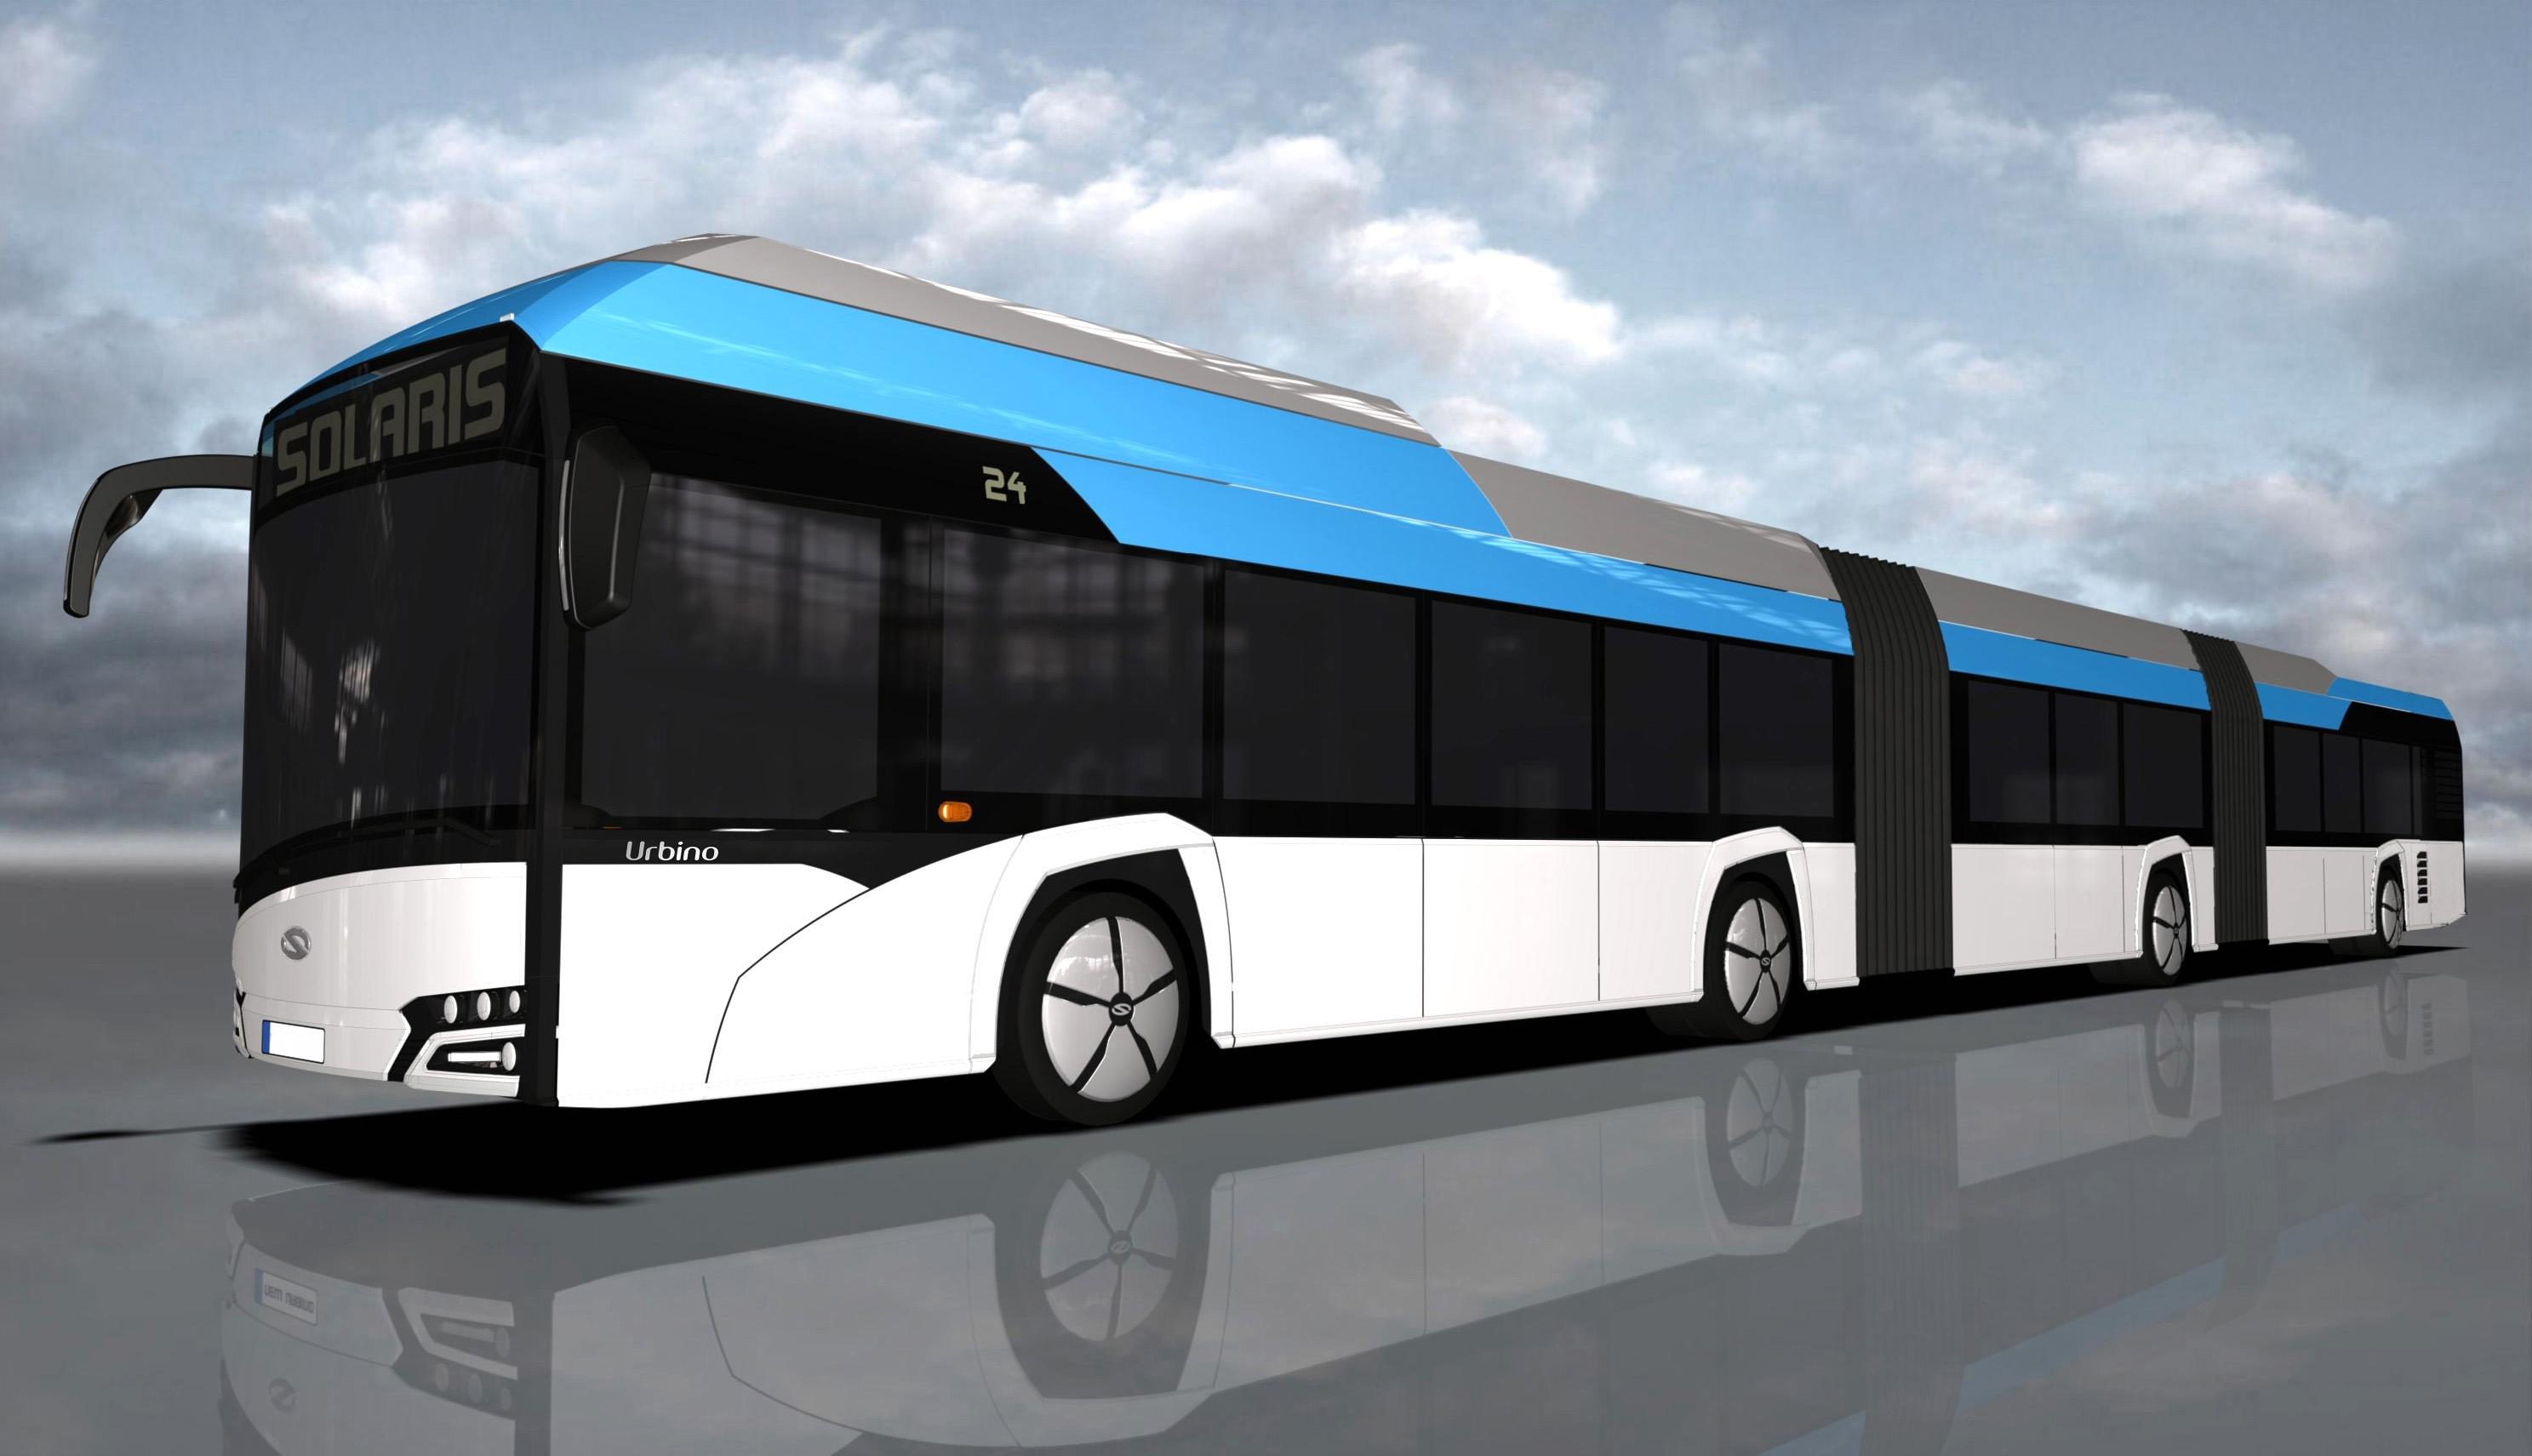 Szybkie autobusy odciążą metro – Warszawa przygotowuje się do uruchomienia systemu SAW